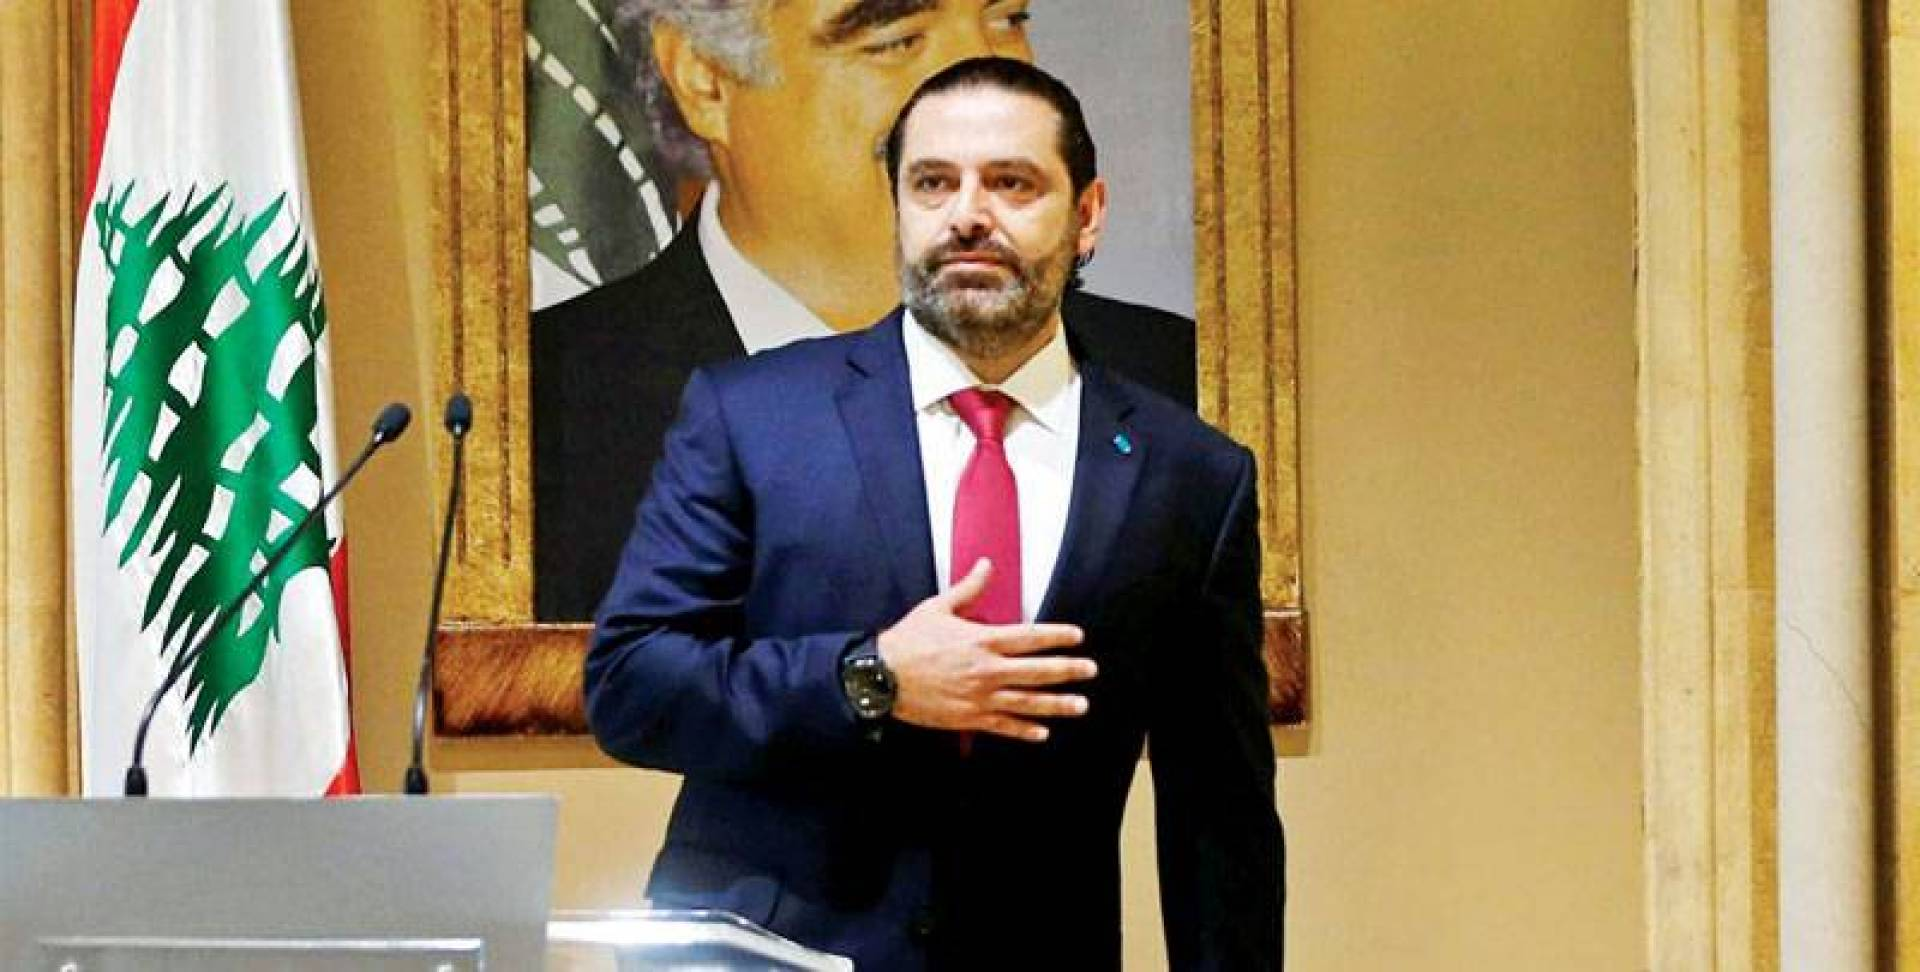 لبنان: حجم الحكومة وشكلها أبرز عقد التشكيل